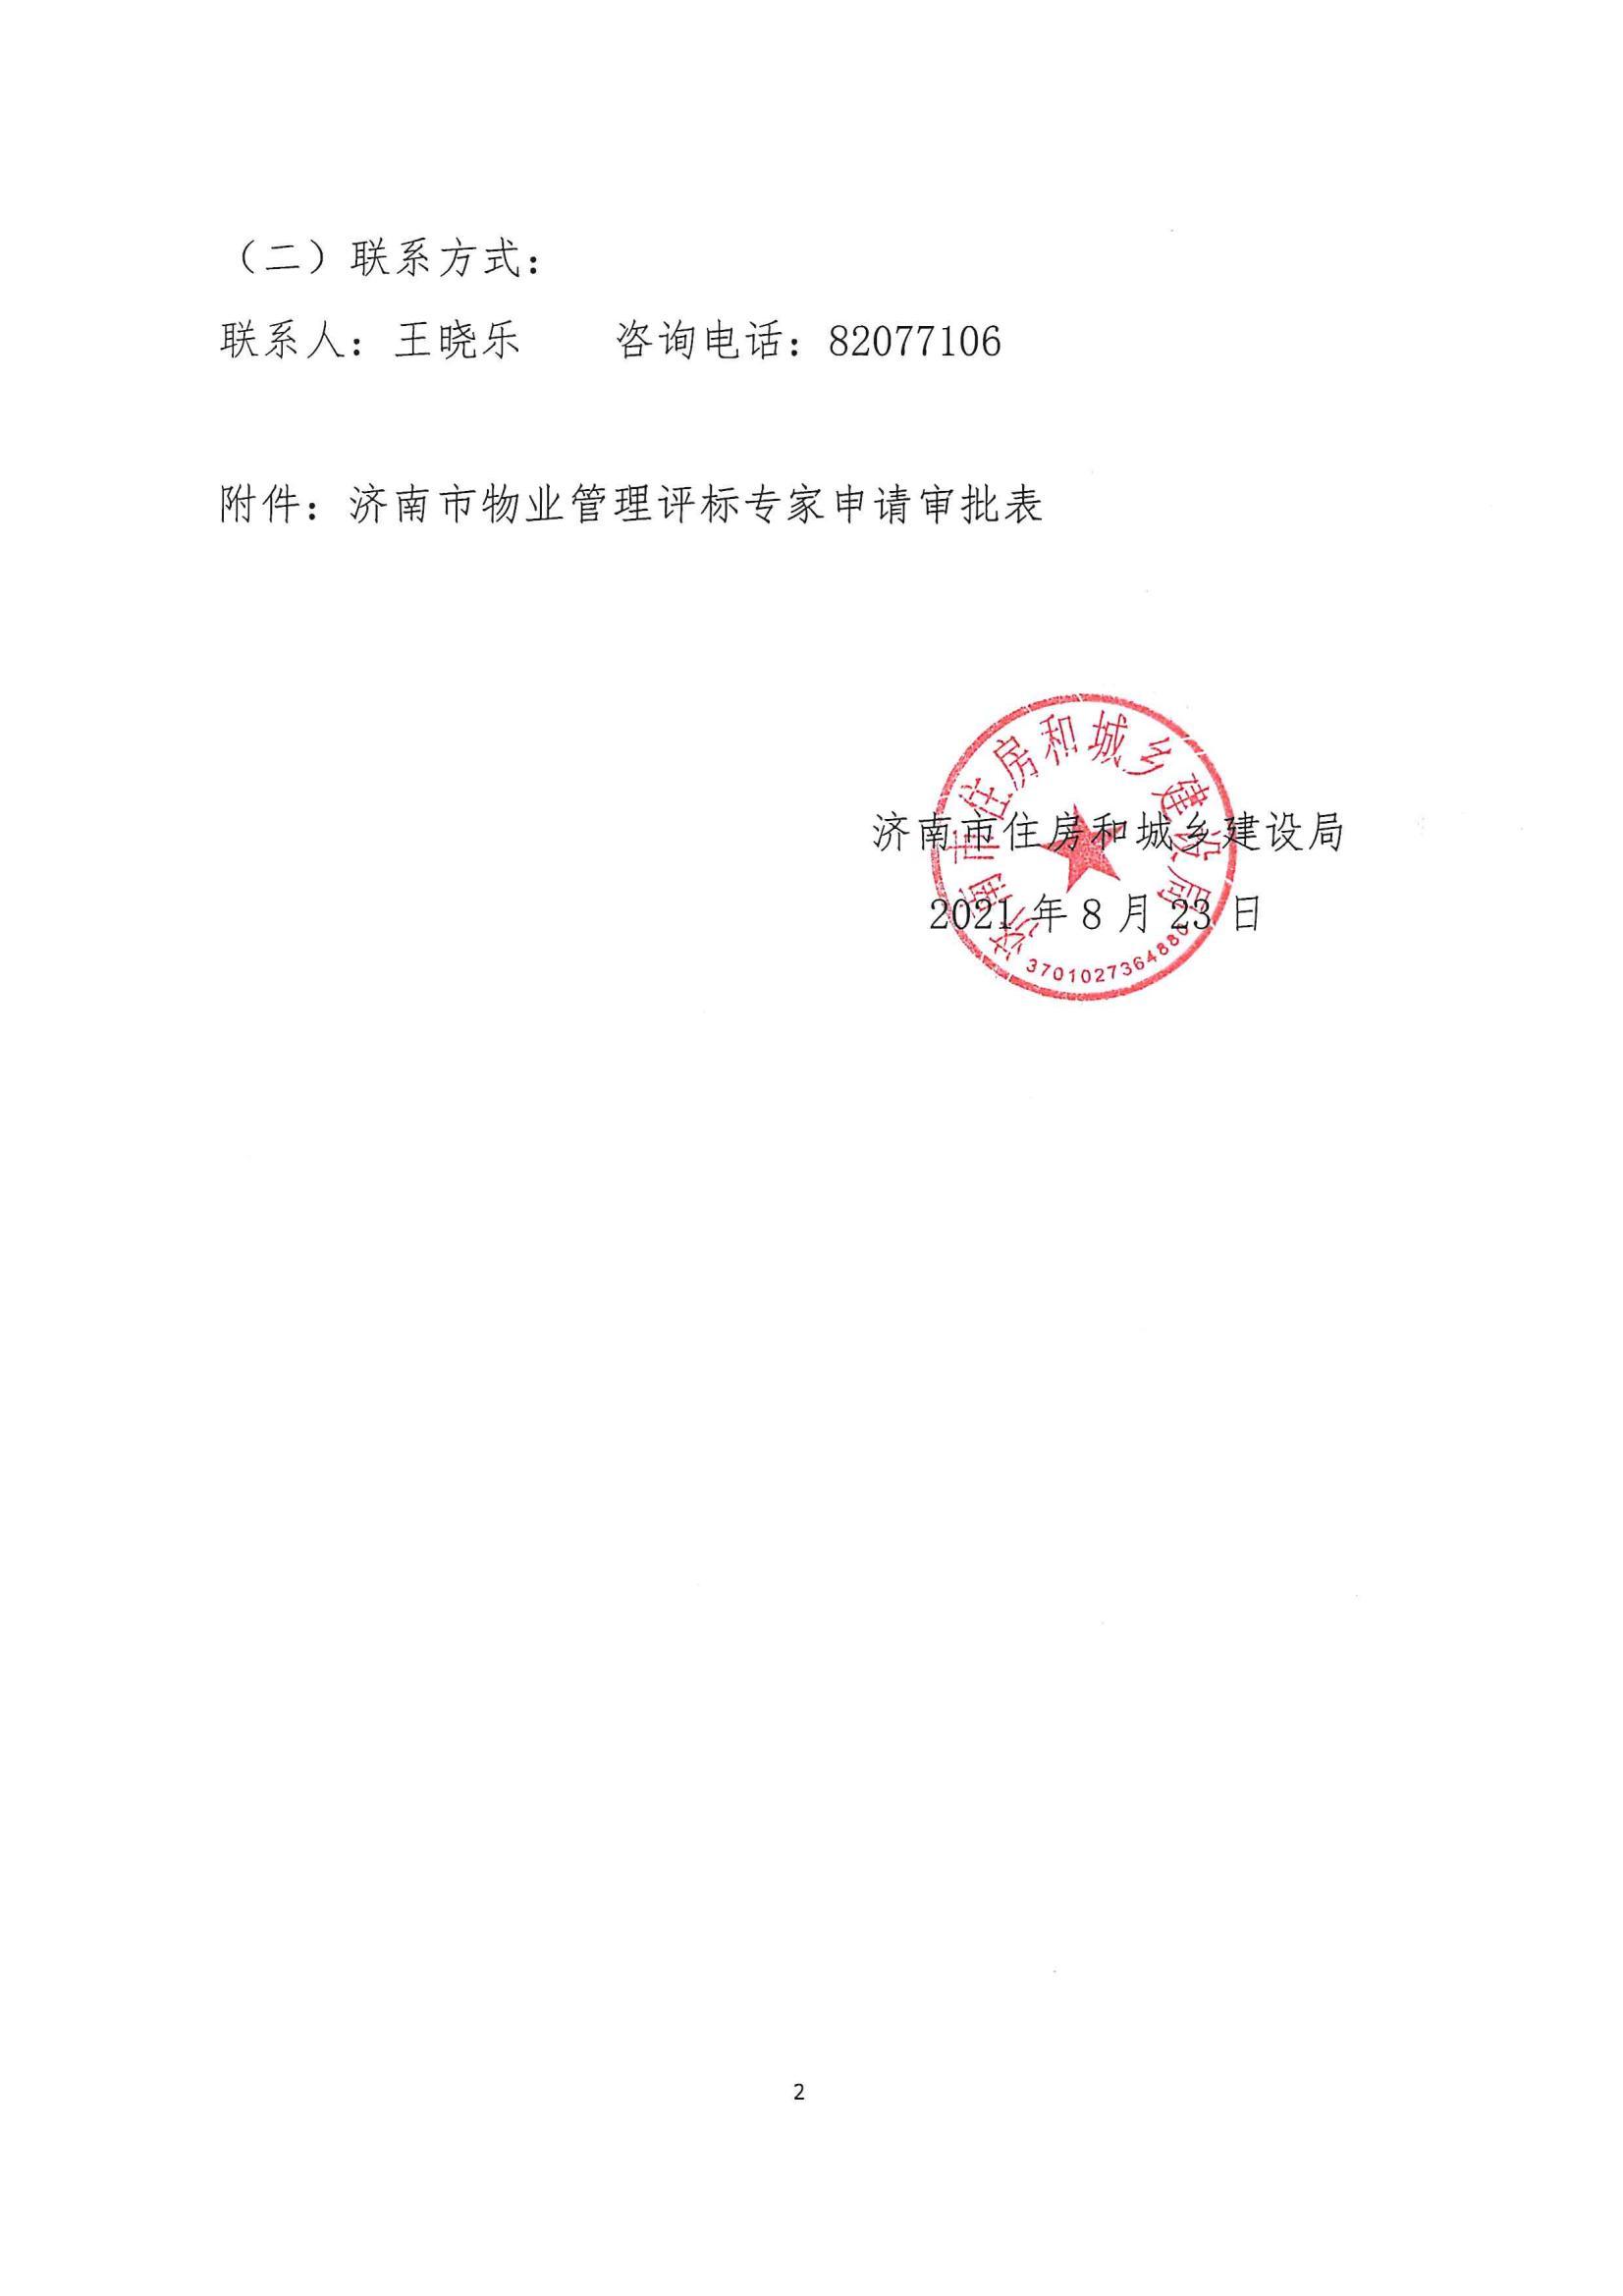 关于更新我市物业管理评标专家库的补充通知_01